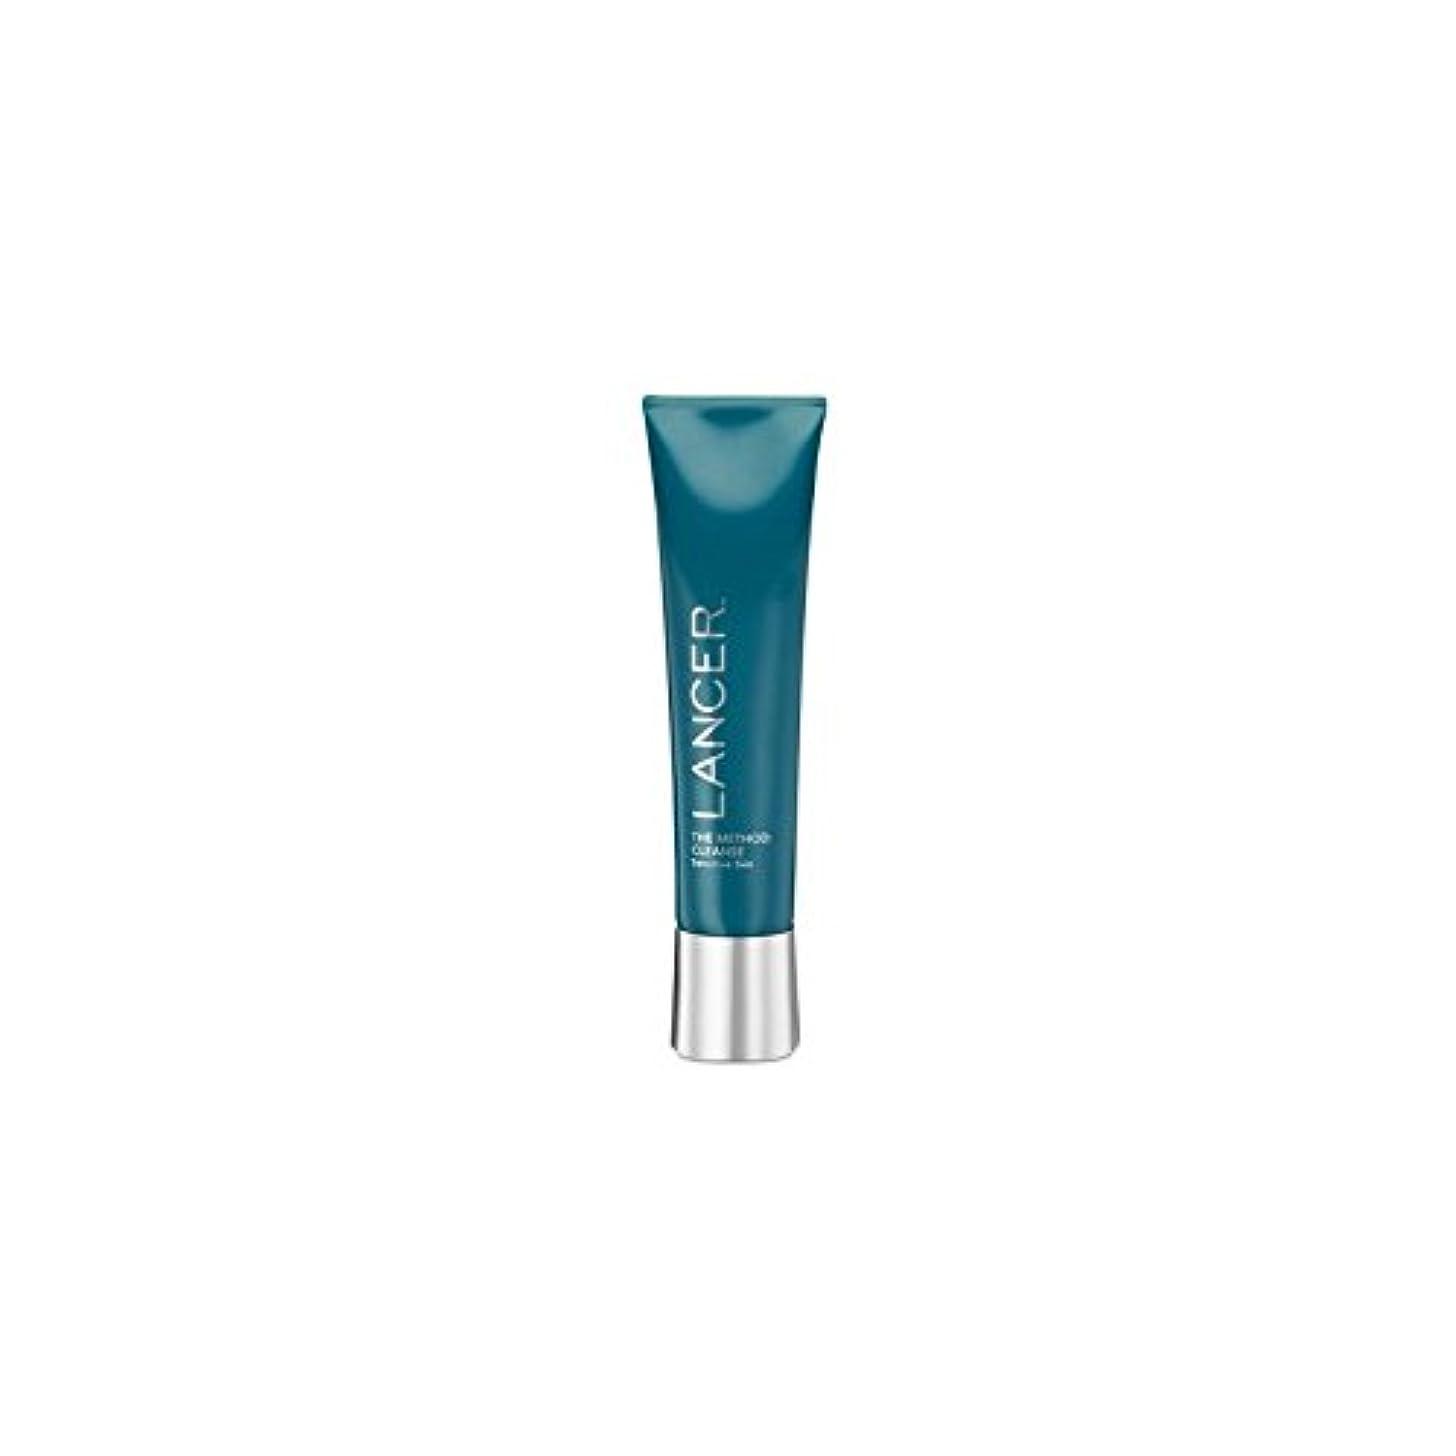 連邦呼び出すバッチクレンザー敏感肌(120ミリリットル):ランサーは、メソッドをスキンケア x4 - Lancer Skincare The Method: Cleanser Sensitive Skin (120ml) (Pack of...